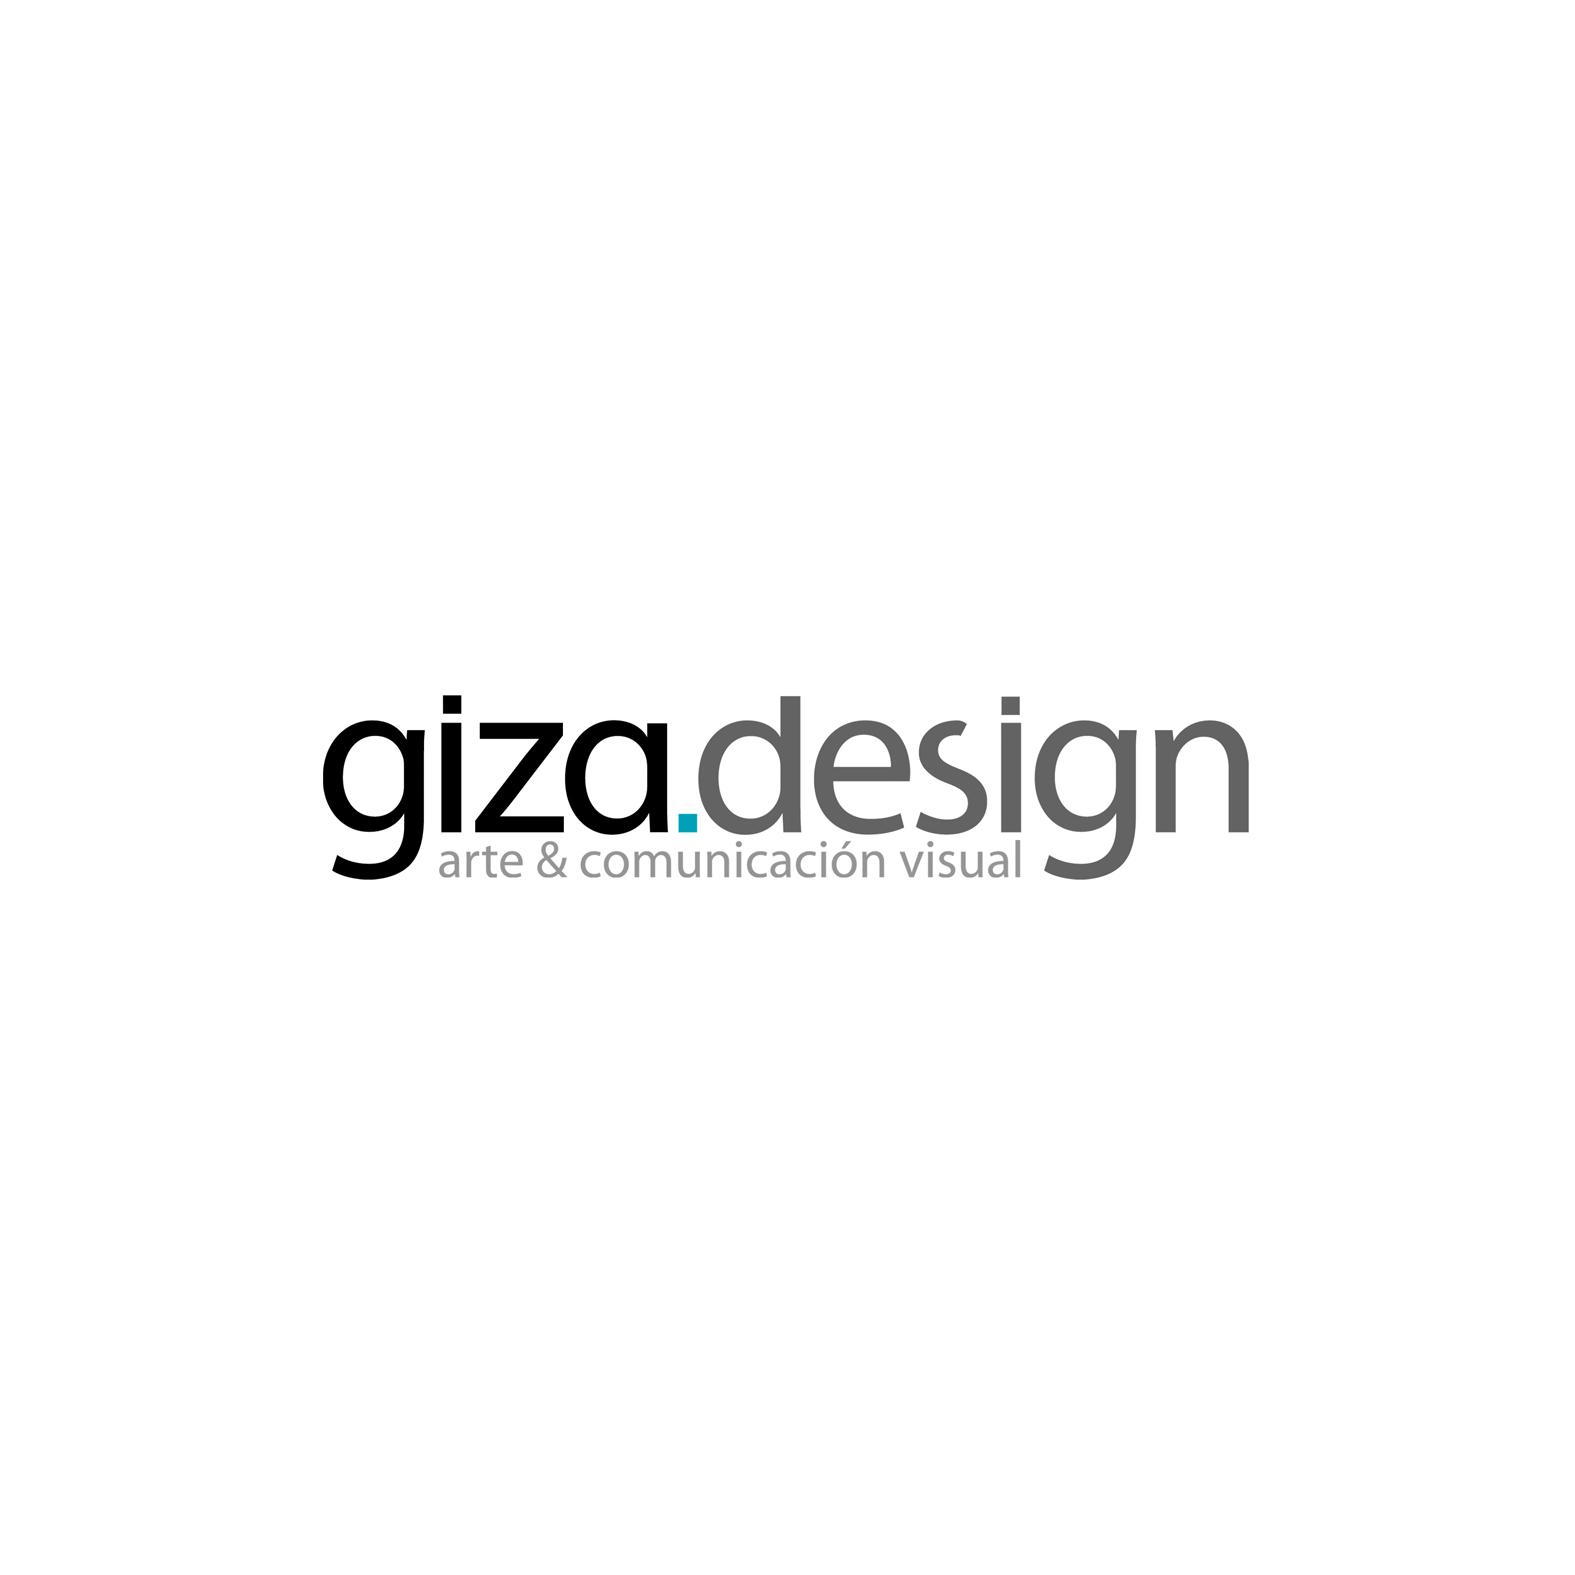 Logo_GizaDesign